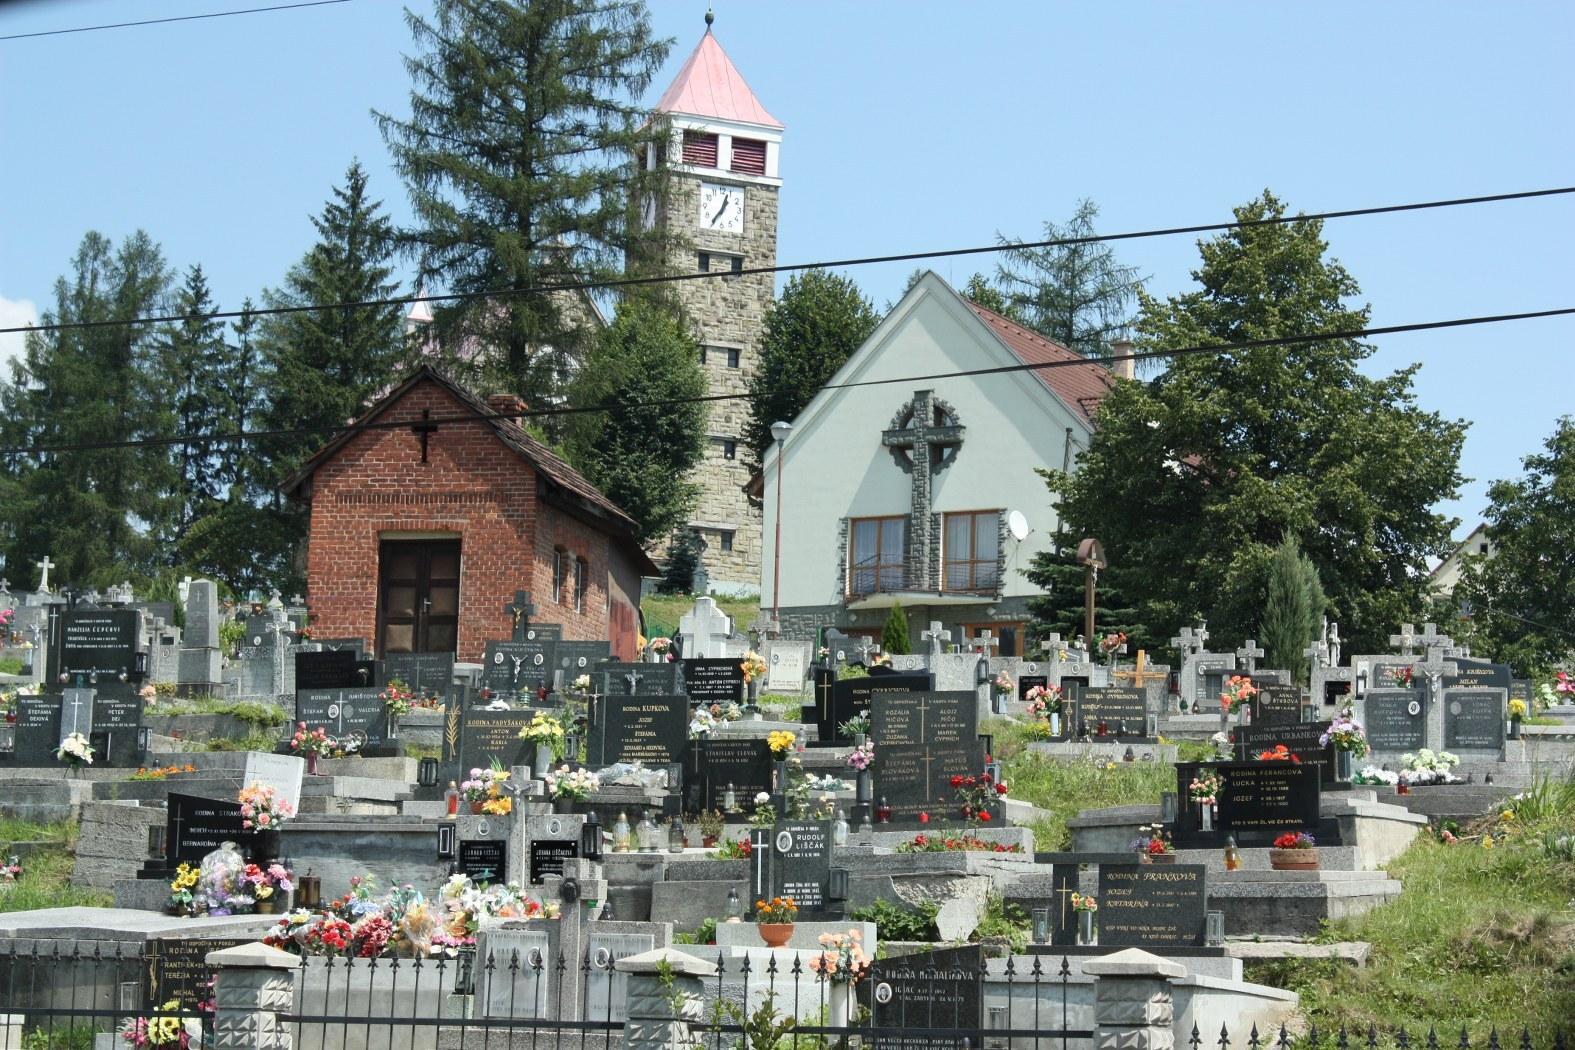 římskokatolický kostel Růžencové Panny Marie (hřbitov)